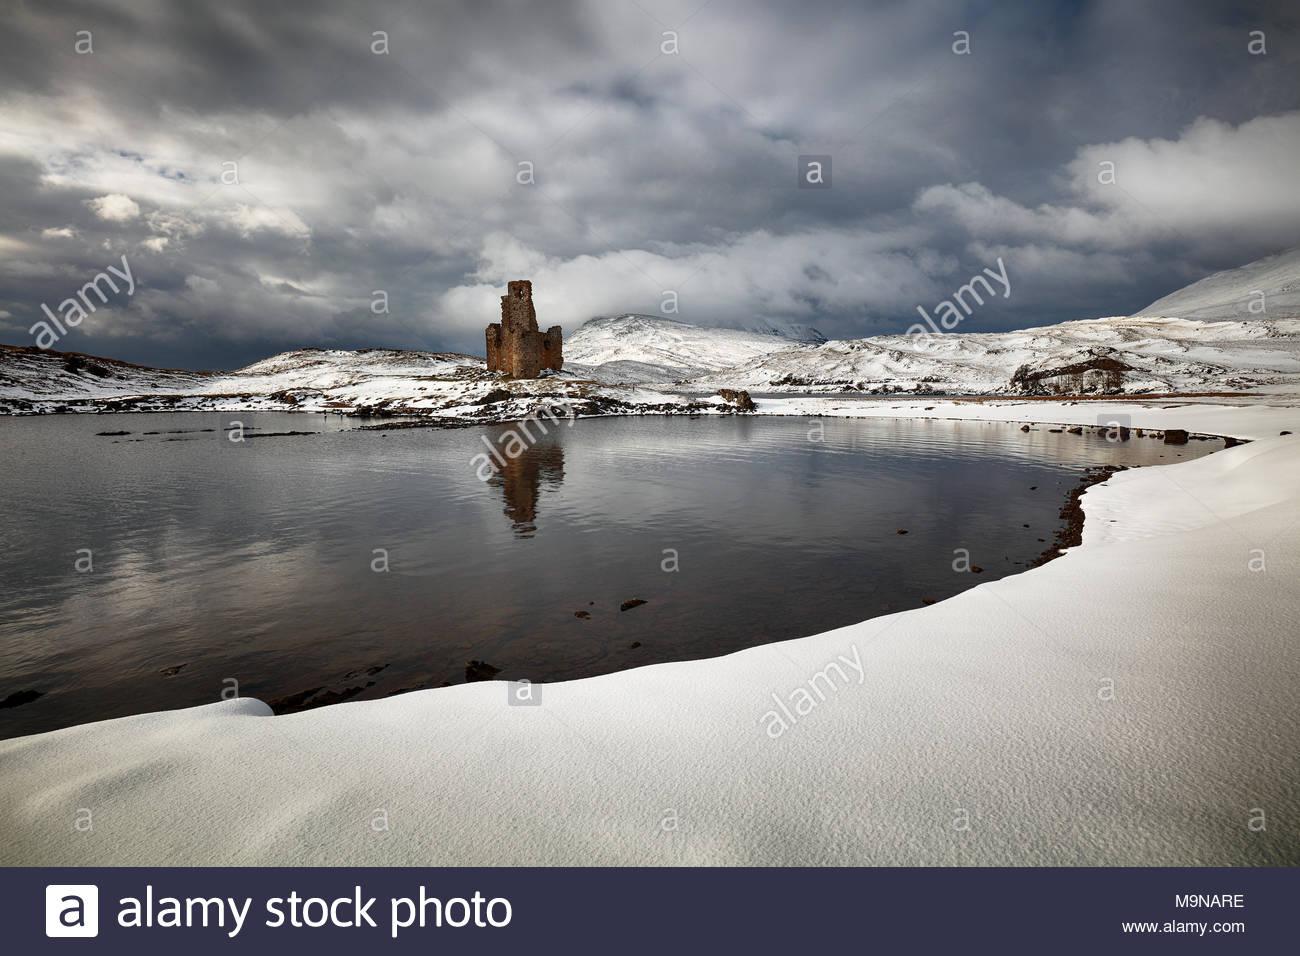 El castillo de Ardvreck y montañas cubiertas de nieve en un paisaje invernal. Loch Assynt, Escocia. Foto de stock